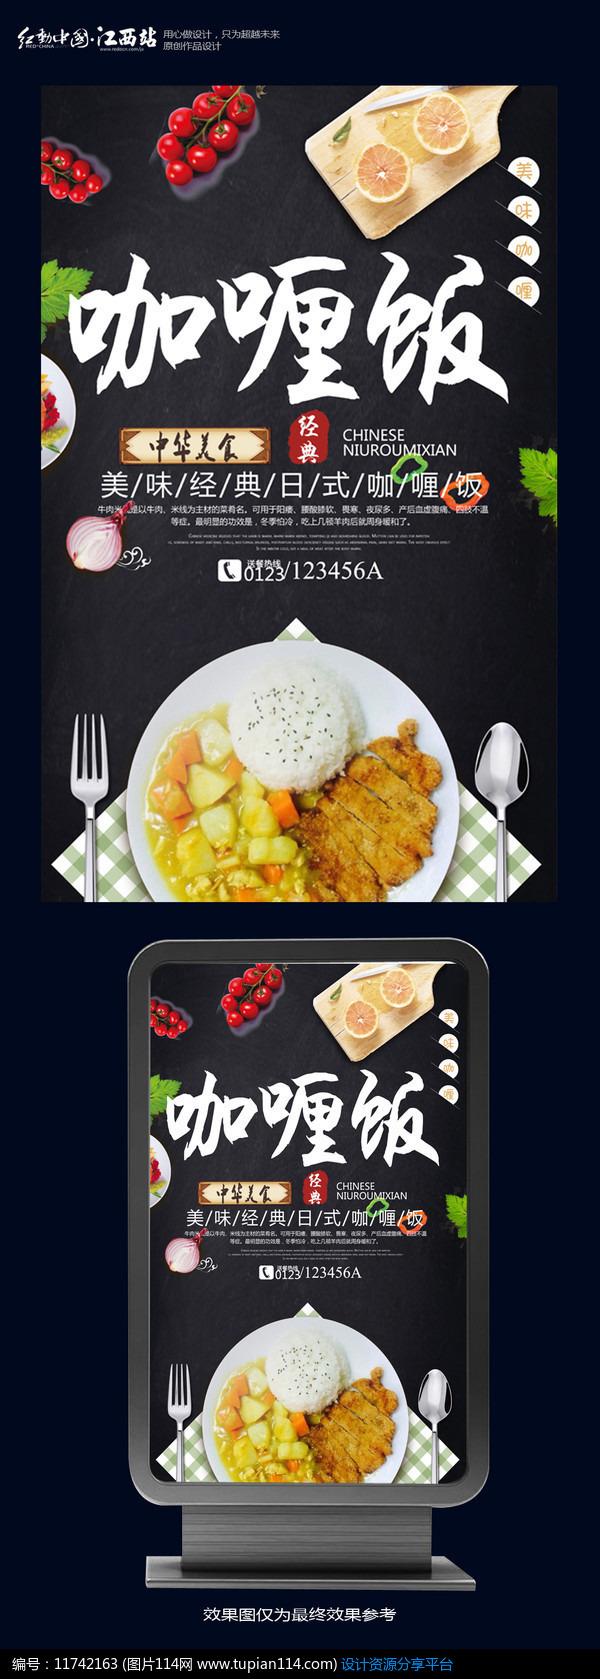 [原创] 咖喱饭美食海报设计